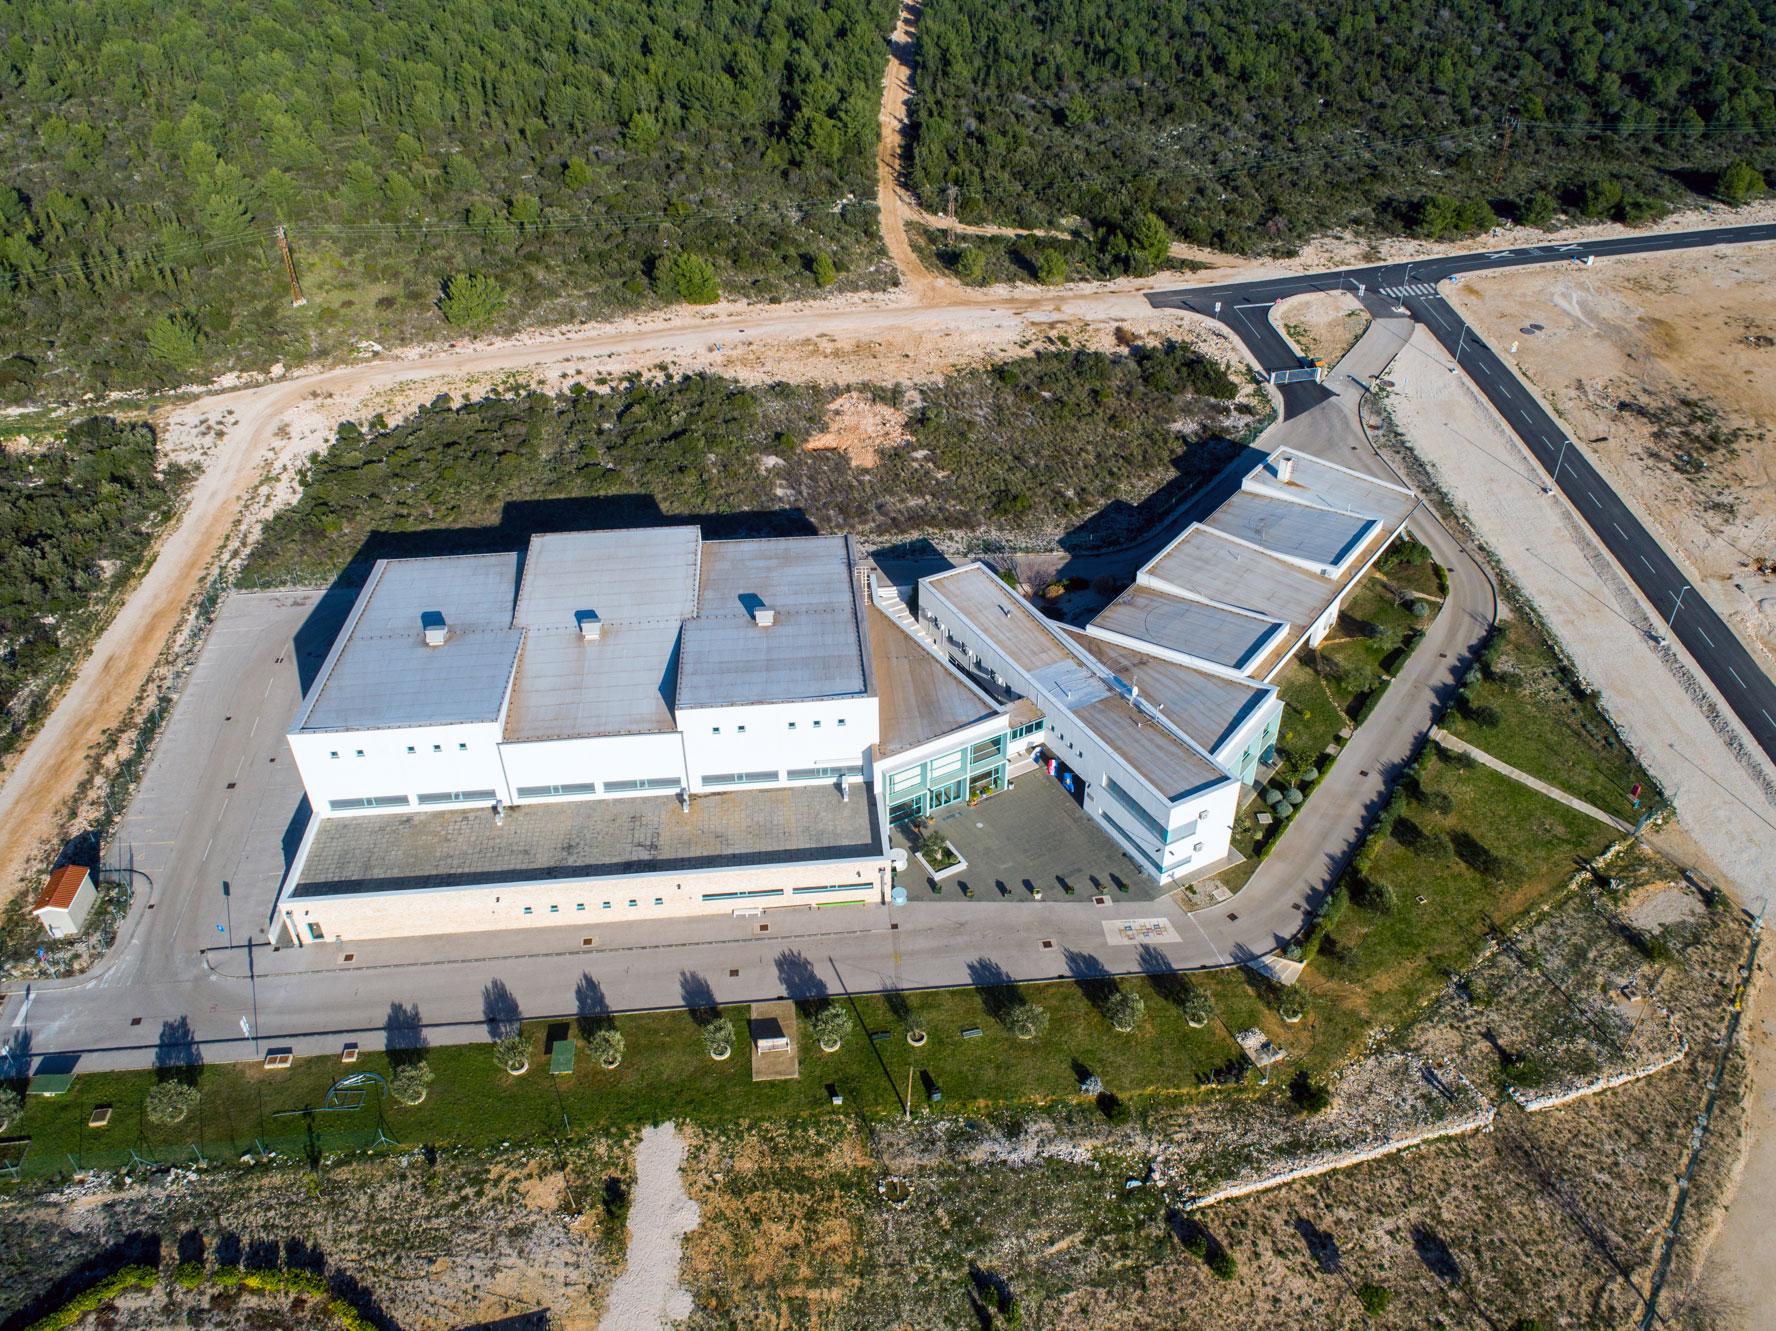 Isplaćen kredit od 15 milijuna kuna za novu osnovnu školu i dvoranu u Sv. Filip i Jakovu